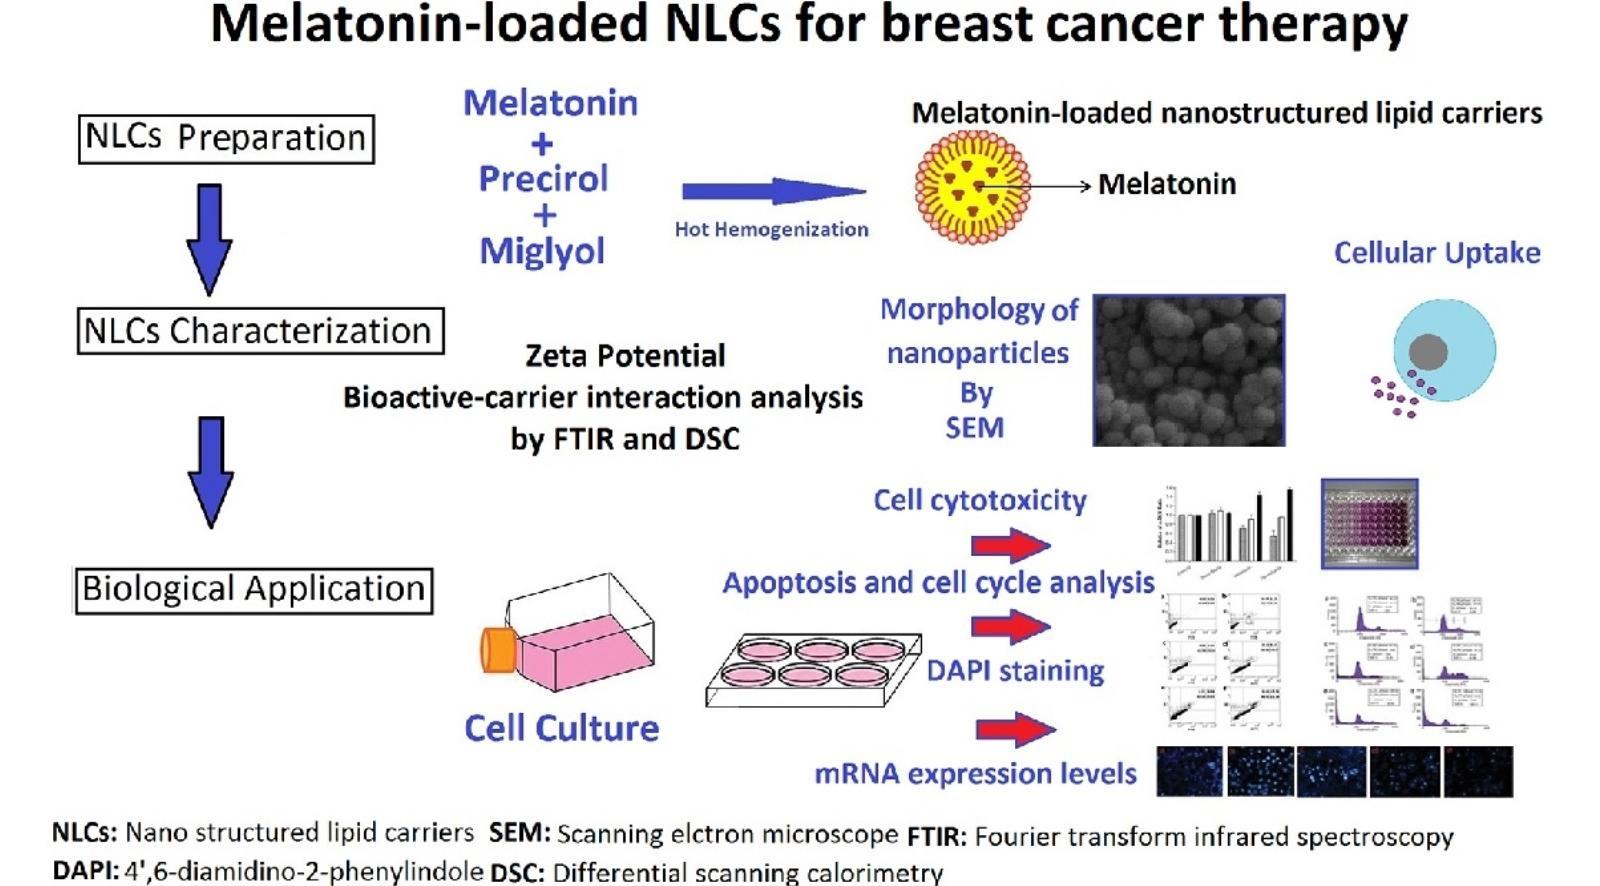 Гормон сна и наночастицы борются с раком груди